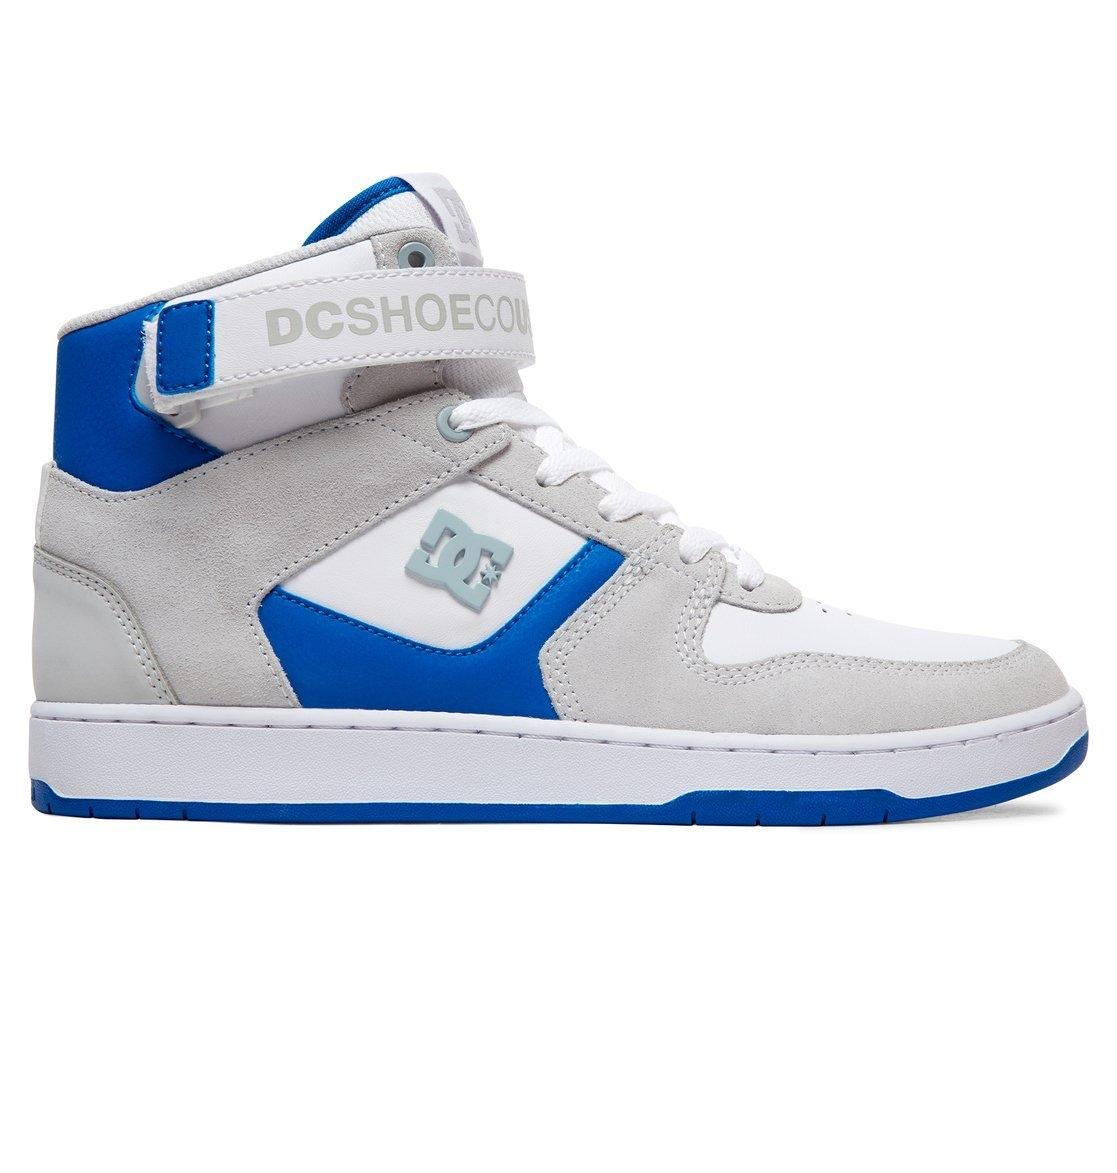 DC Shoes Schoenen »Pensford« bestellen: 30 dagen bedenktijd